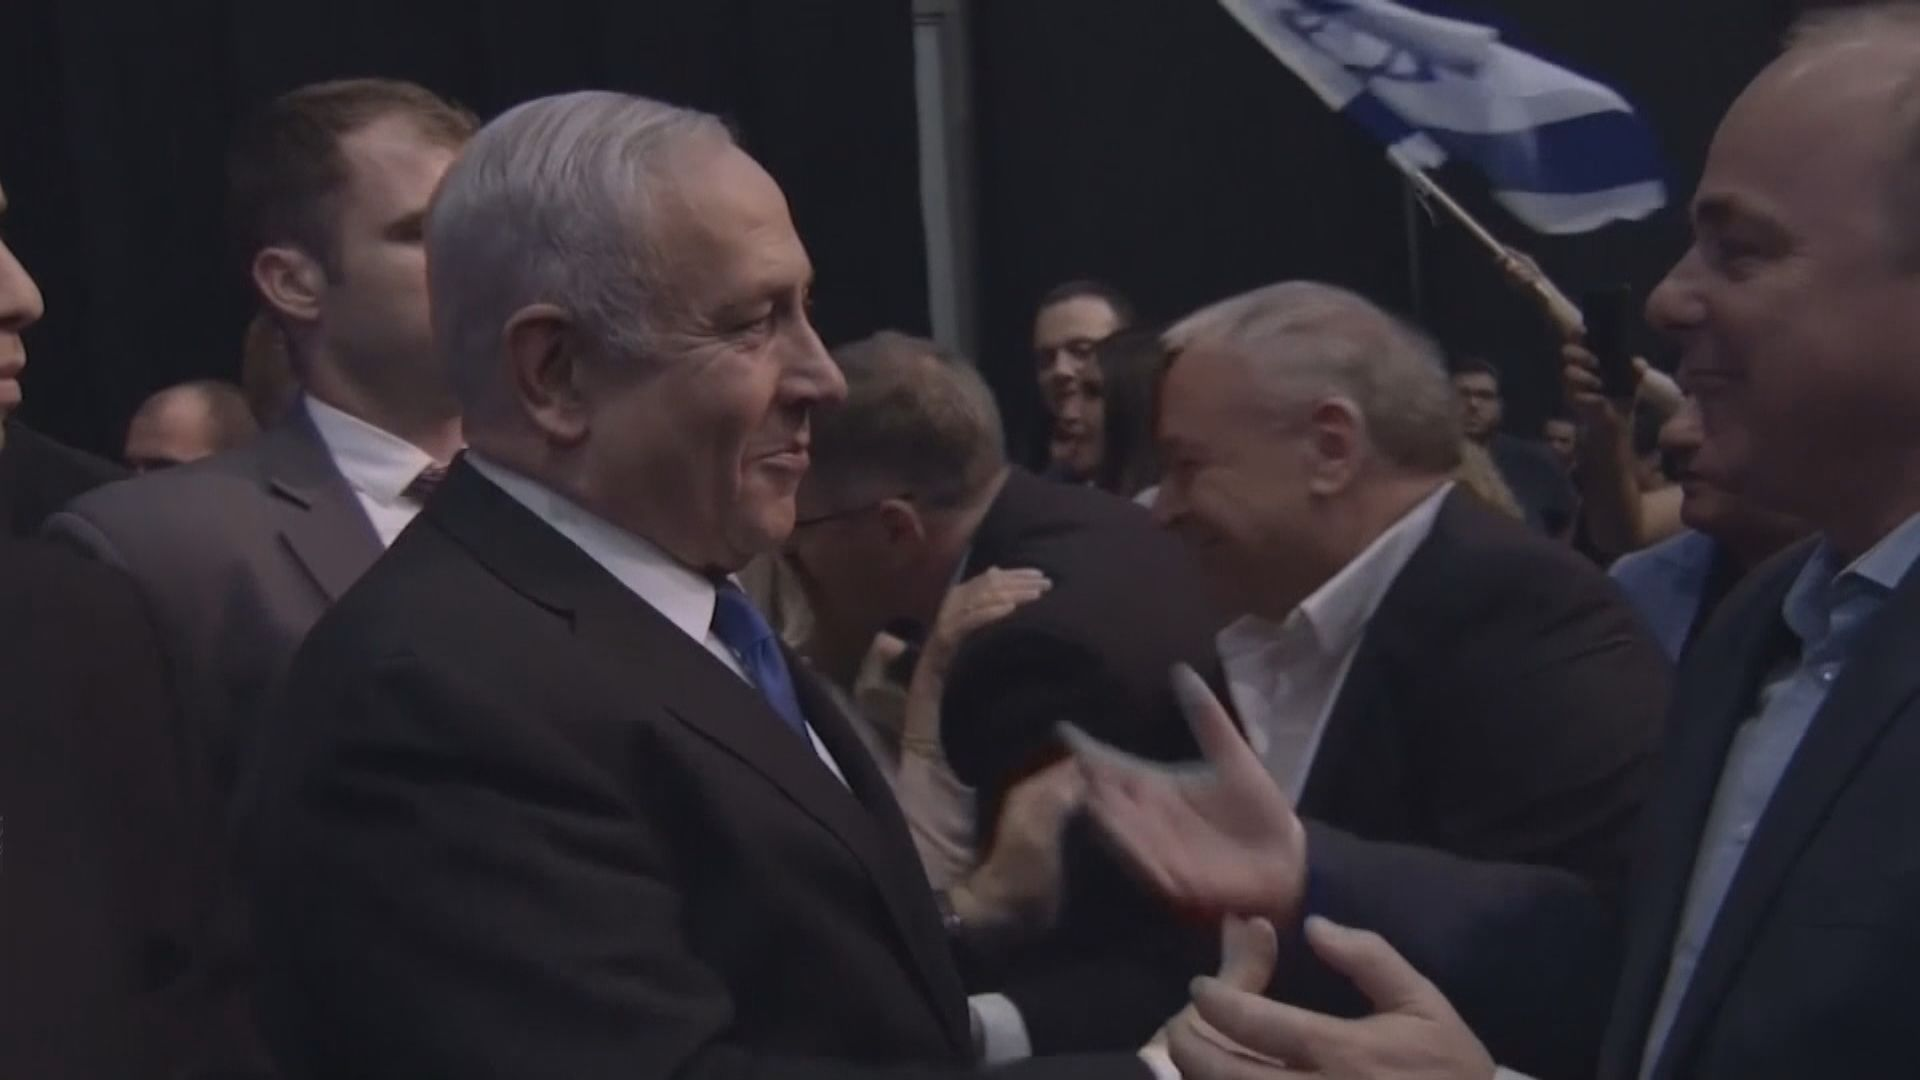 以色列大選正點票 兩大陣營勢均力敵